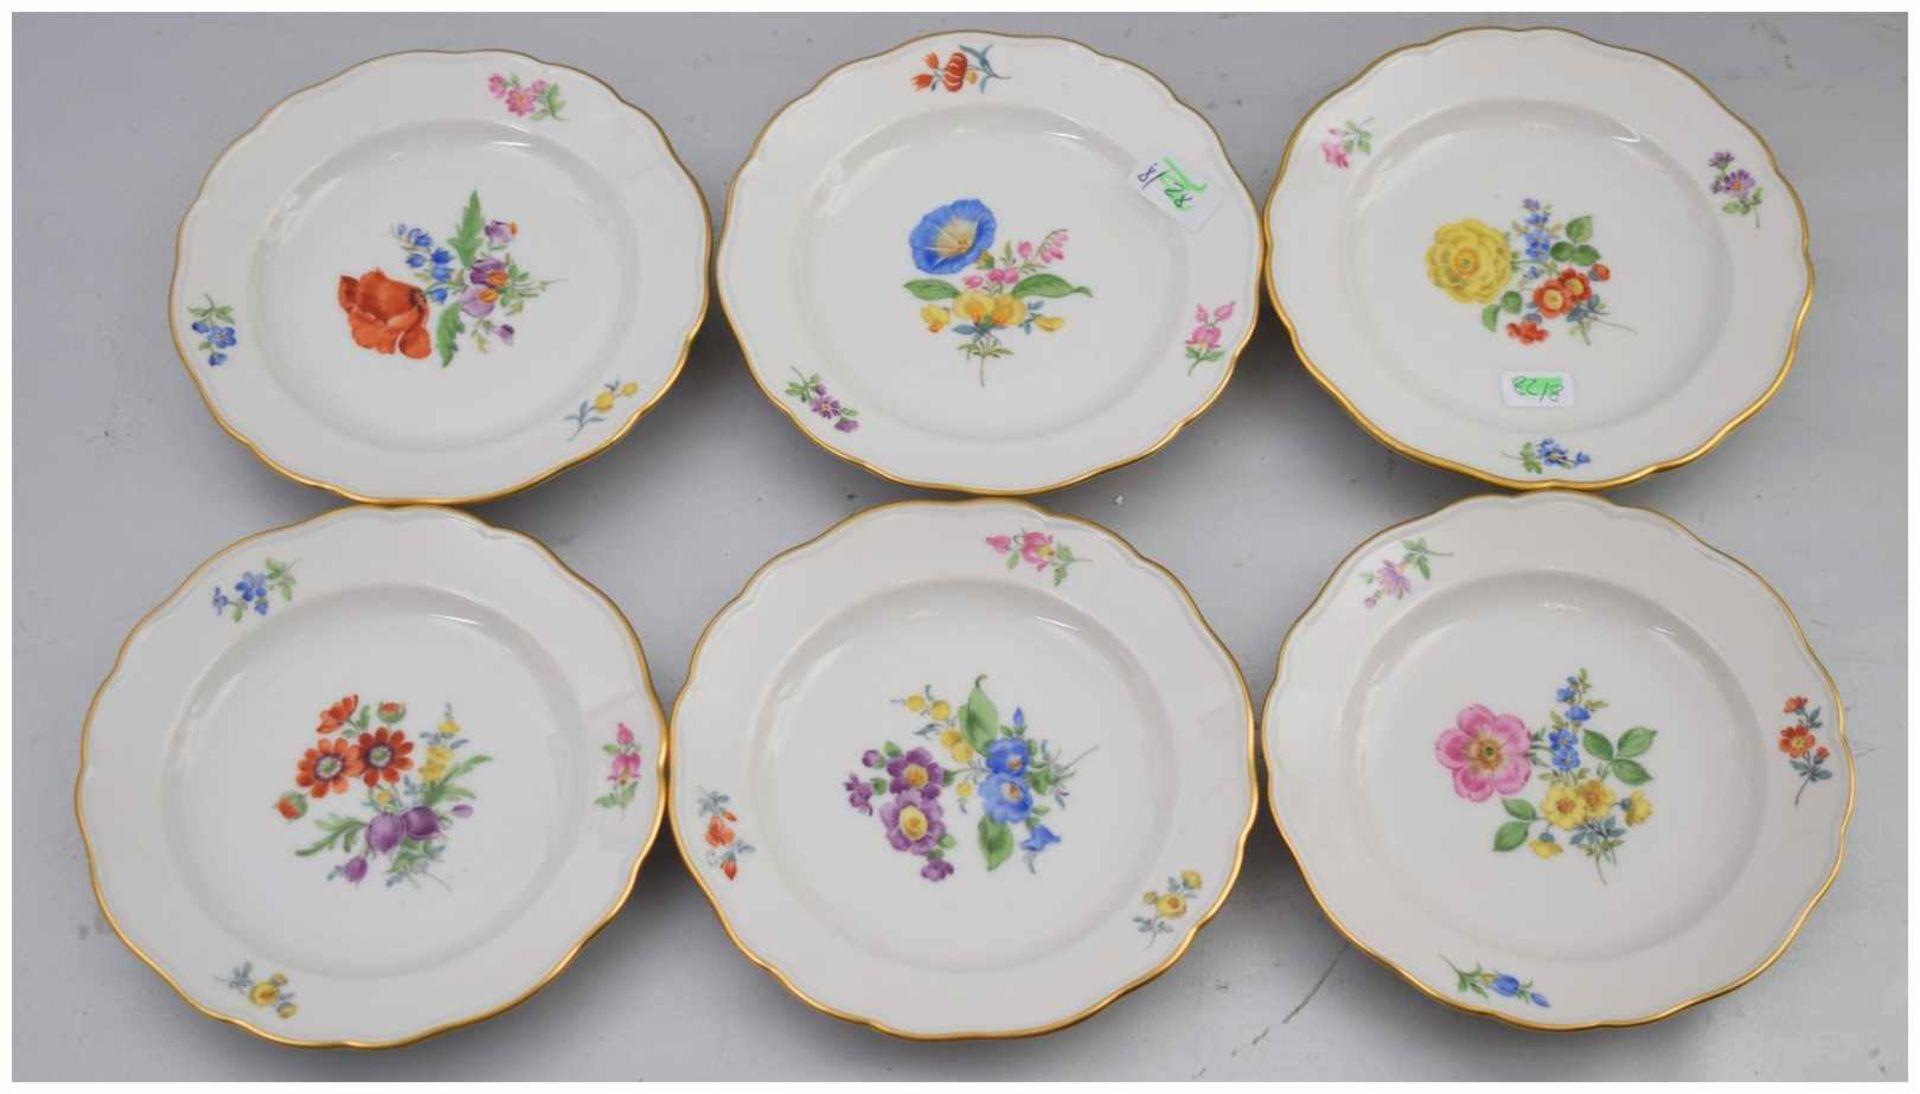 Los 32 - Sechs Gebäckteller Goldrand, Rand und Spiegel mit bunter Feldblumenbemalung, Dm 13 cm, blaue